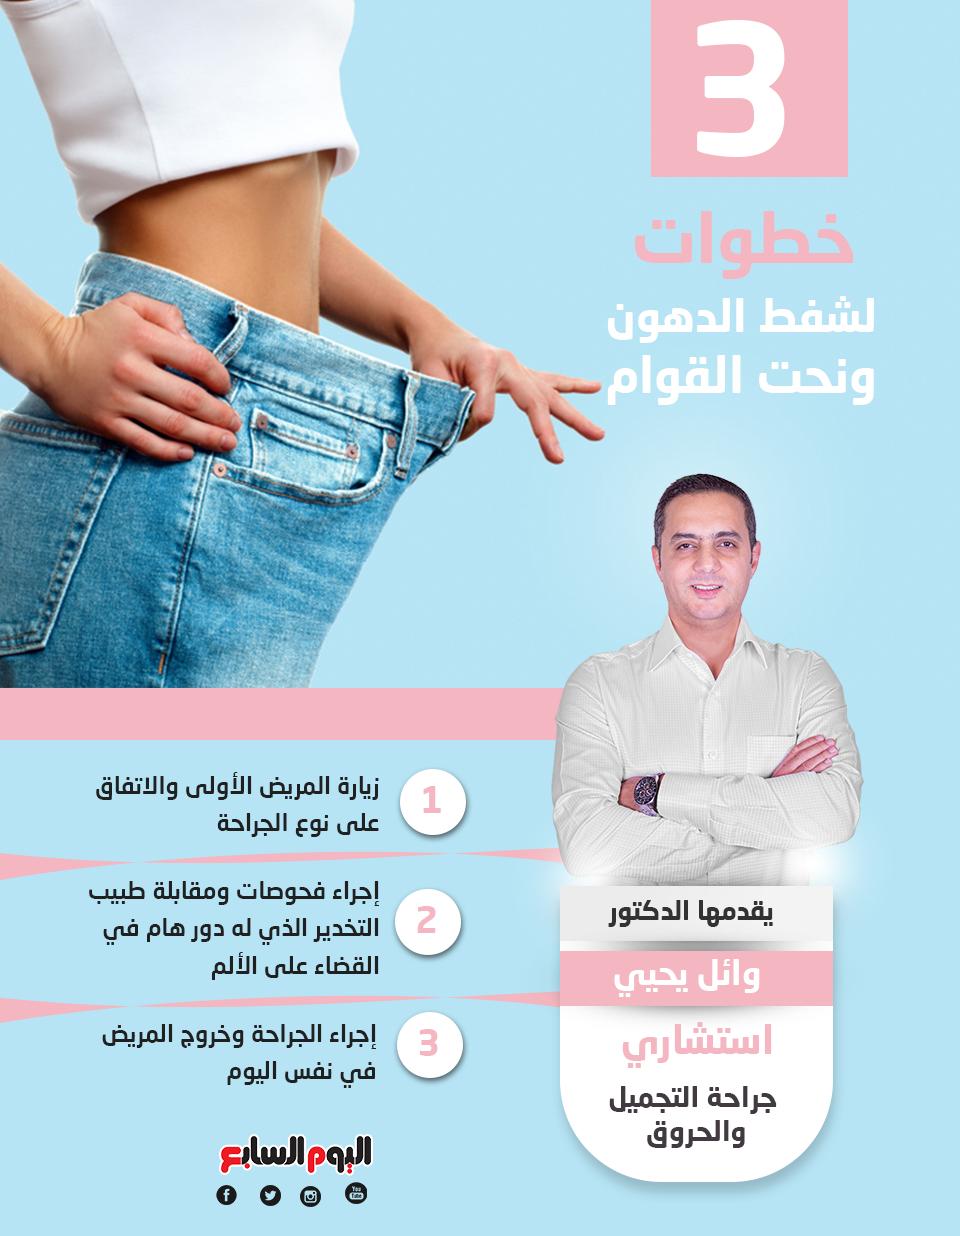 3 خطوات لشفط الدهون ونحت القوام